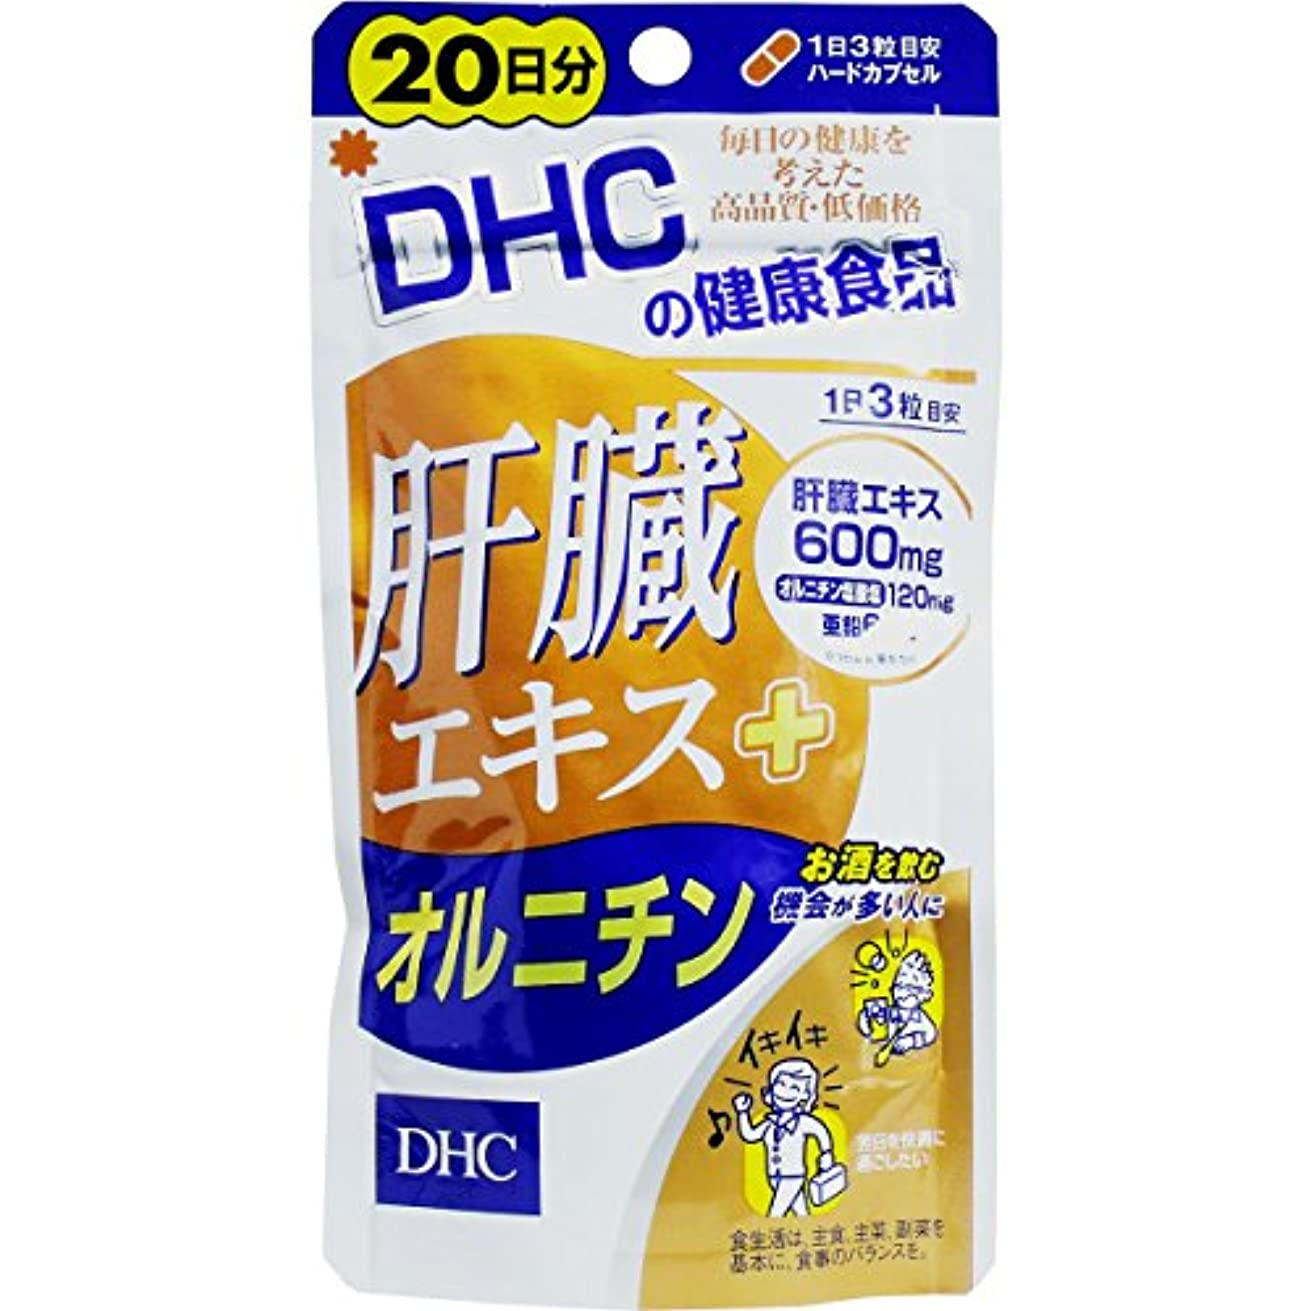 寄り添う壮大な暗くするDHC 肝臓エキス+オルニチン 20日分 60粒 ×2個セット